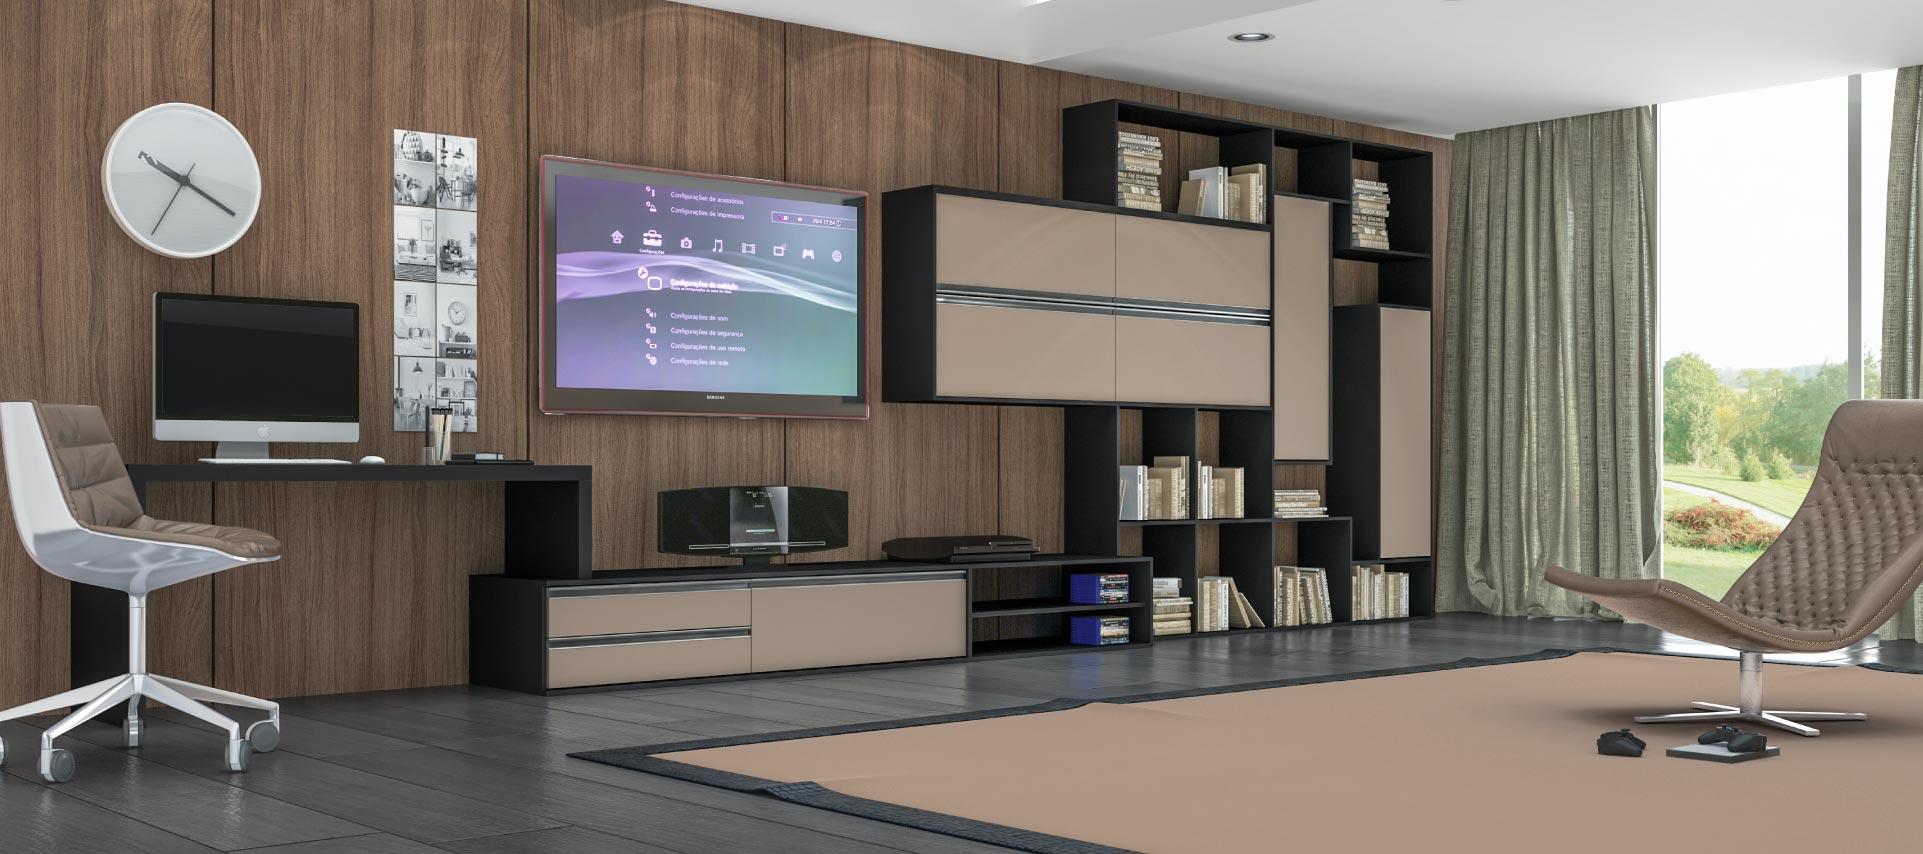 https://www.decor8planejados.com.br/wp-content/uploads/2016/03/moveis-home-theater-planejado-decor8-2.jpg